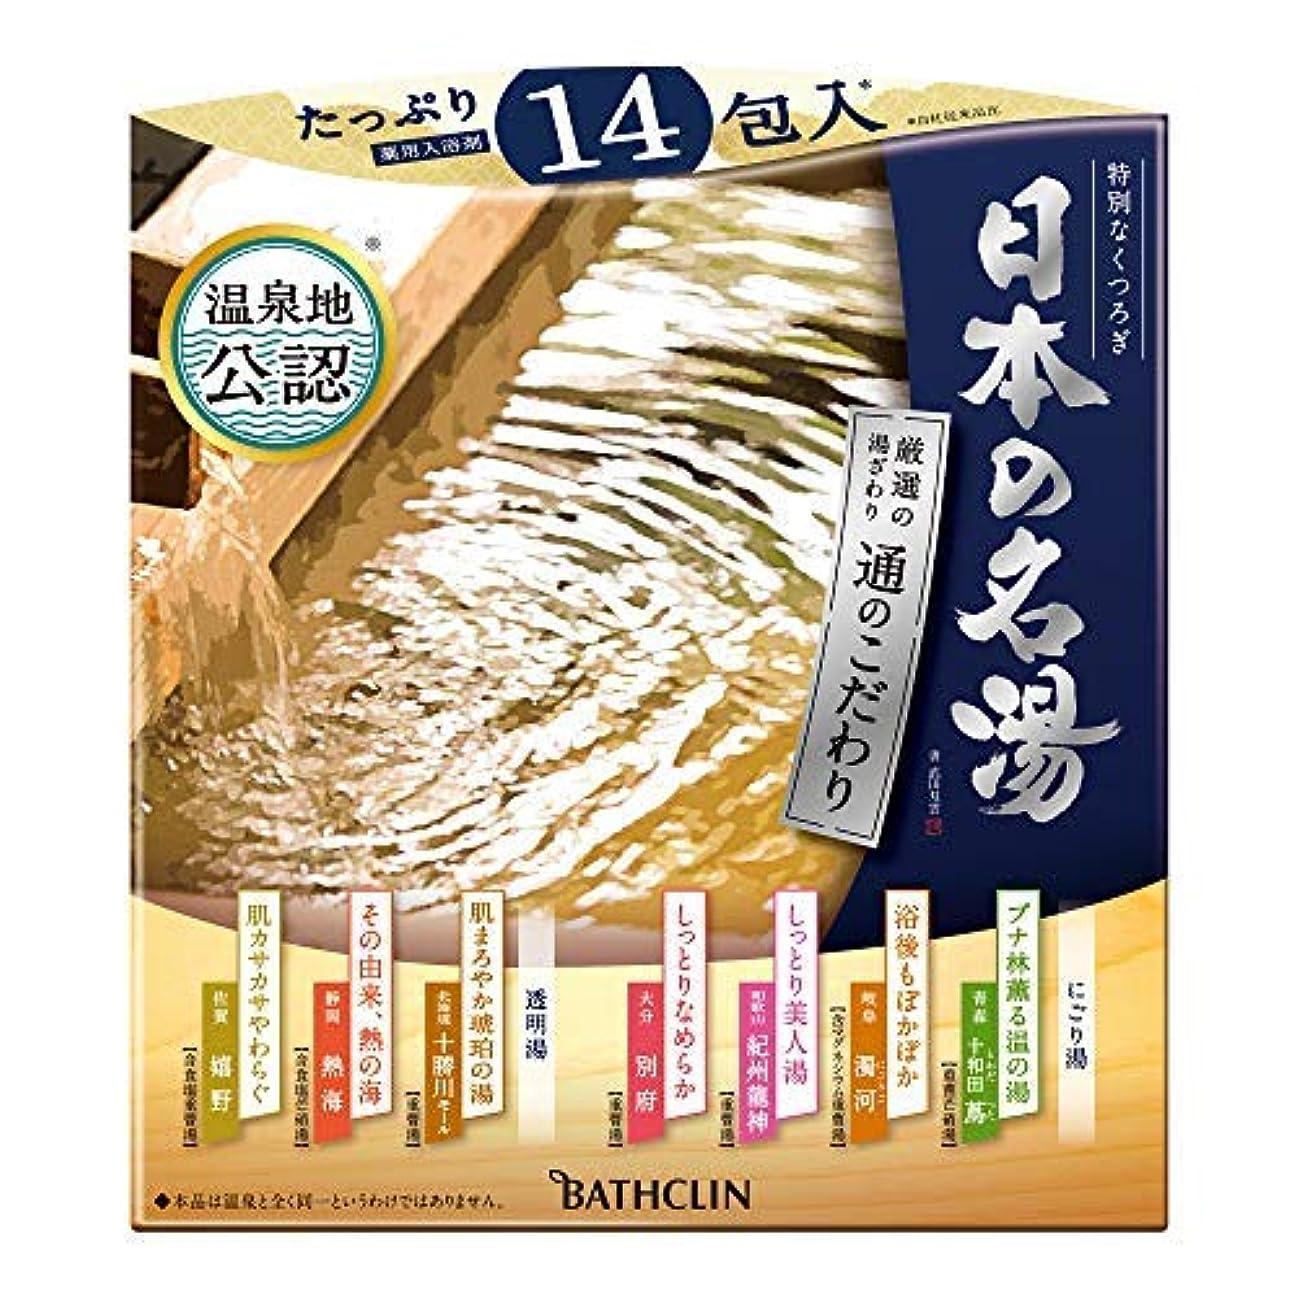 土曜日カールアリ日本の名湯 通のこだわり 30g×14包 × 9個セット